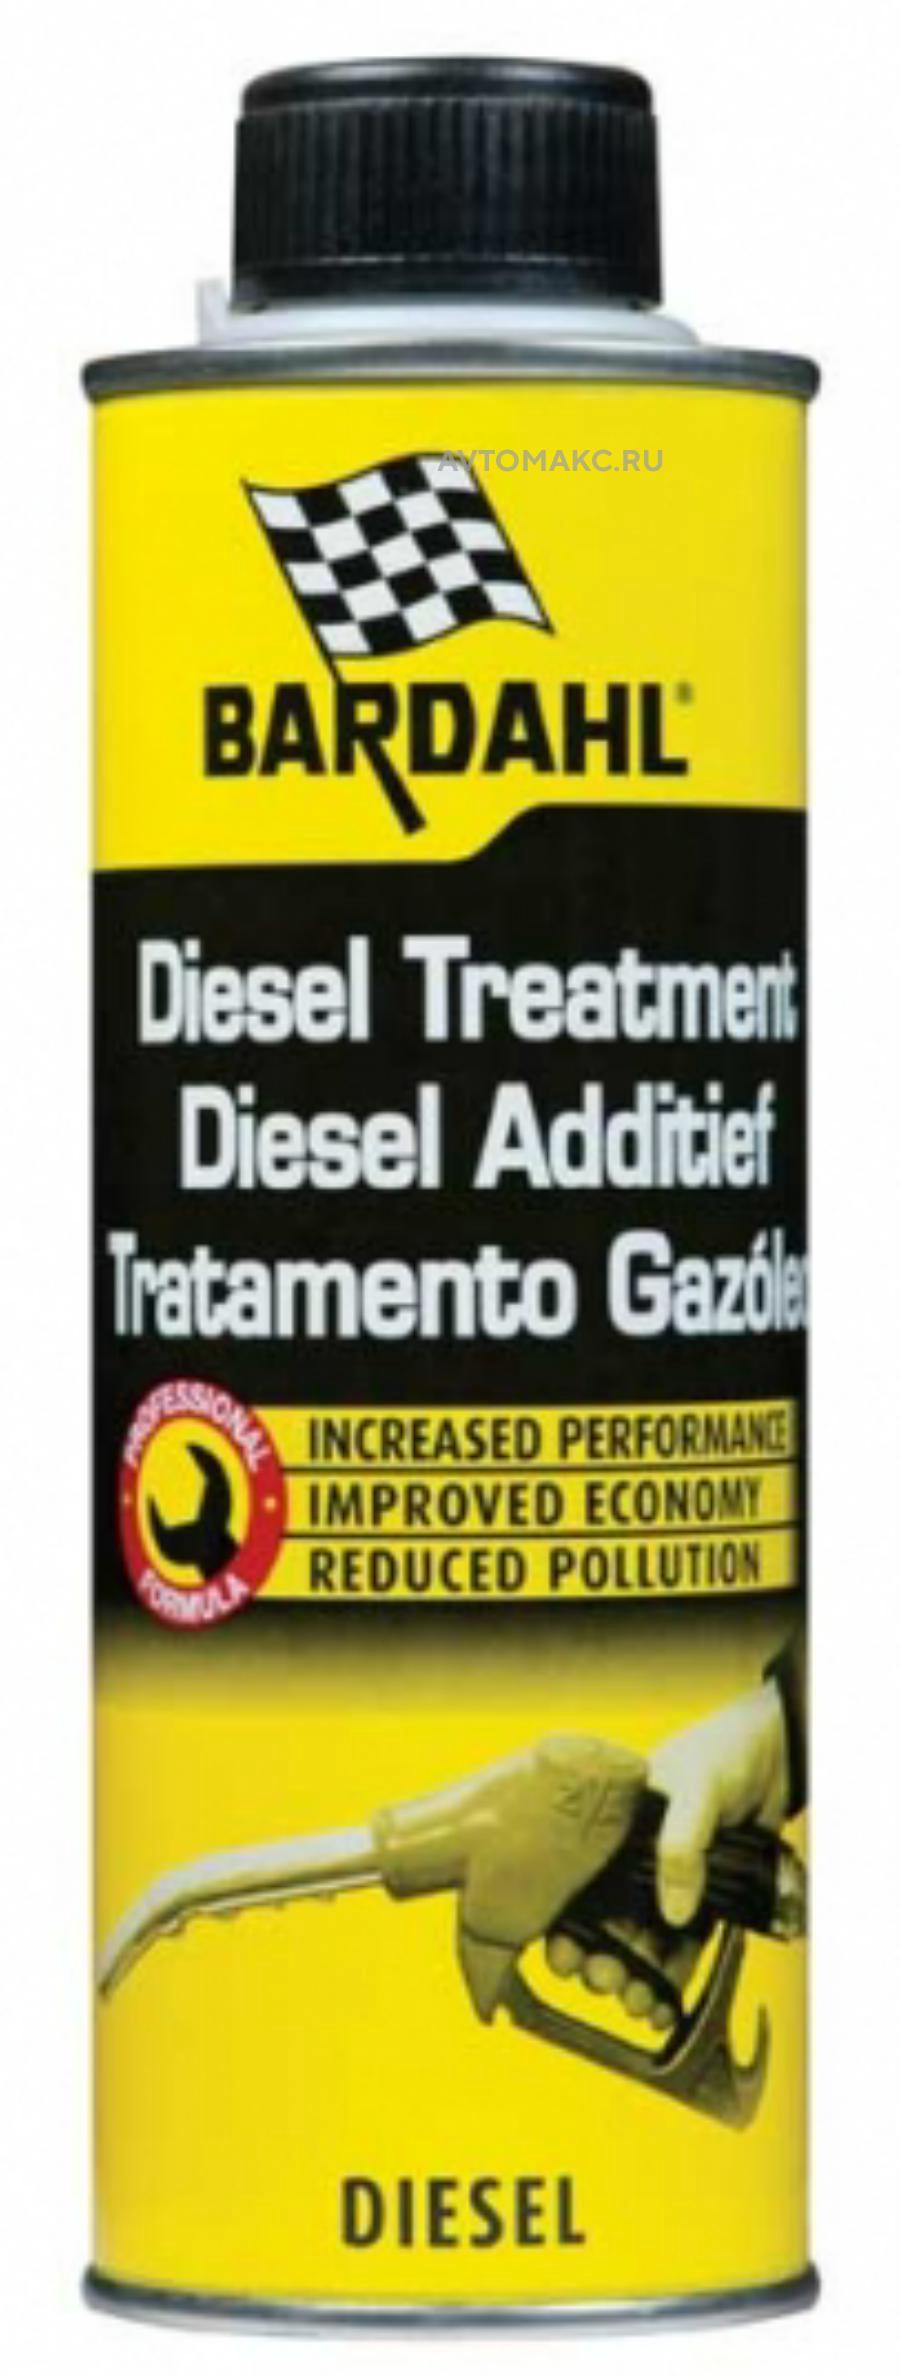 Концентрированная присадка для улучшения дизельного топлива Diesel Treatment 300 мл (13102)